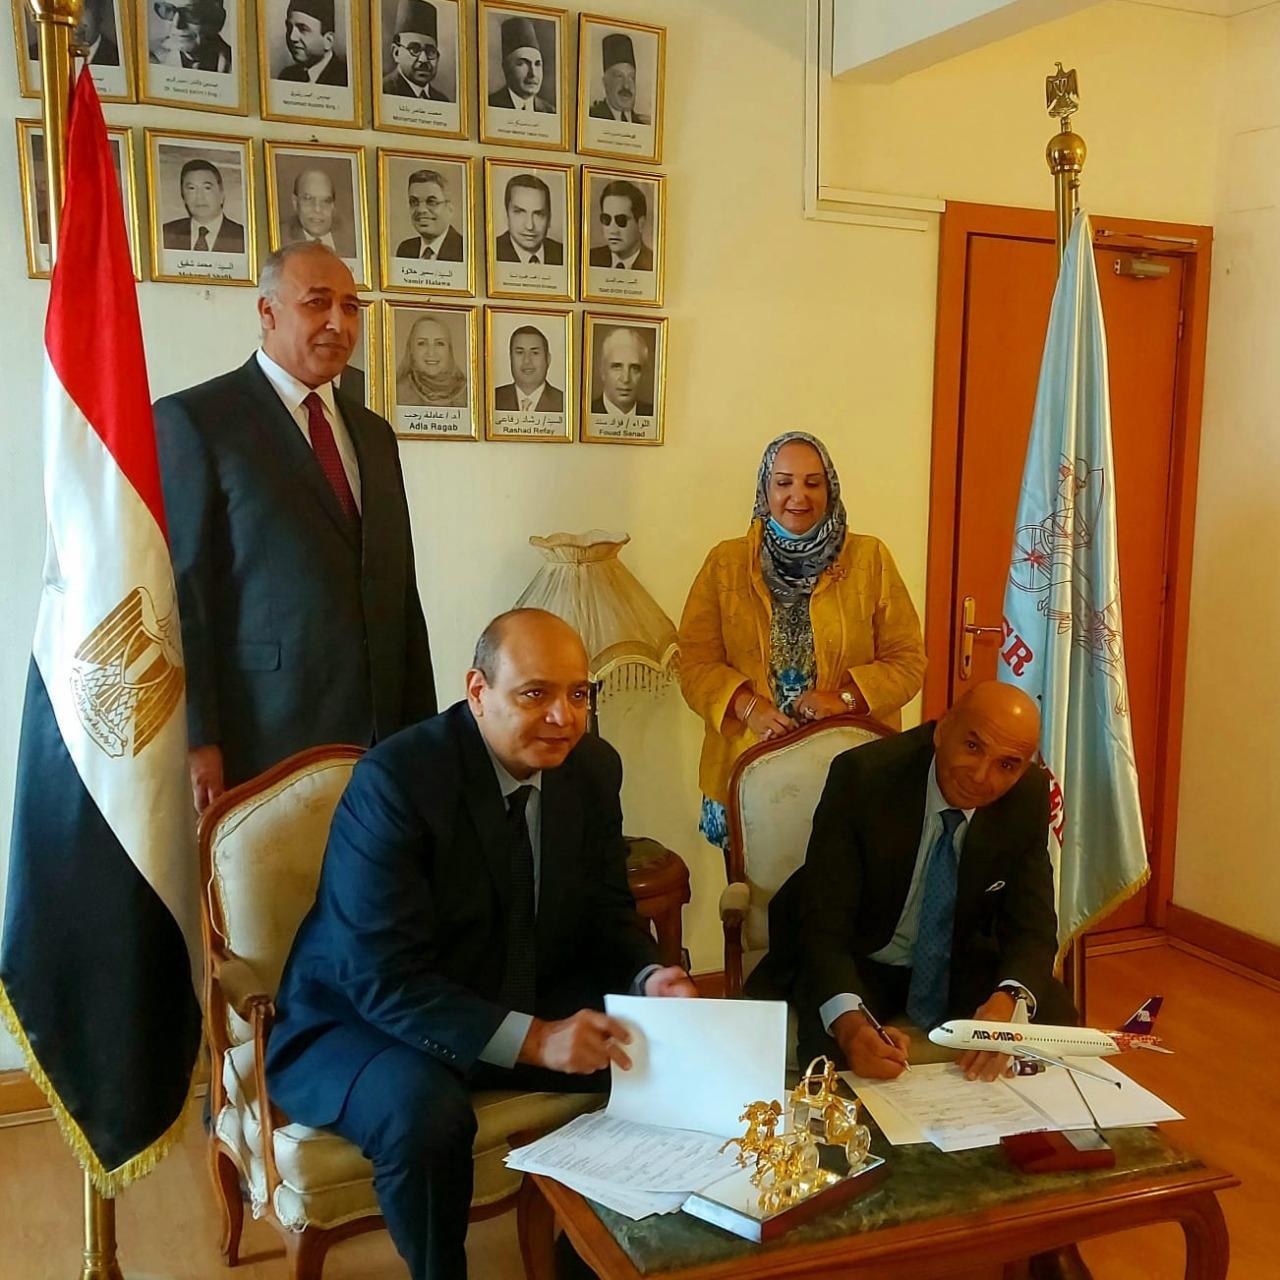 مصر للسياحة توقيع اتفاقية مع اير كايرو لتوسيع الخدمات وزيادة عملائها1